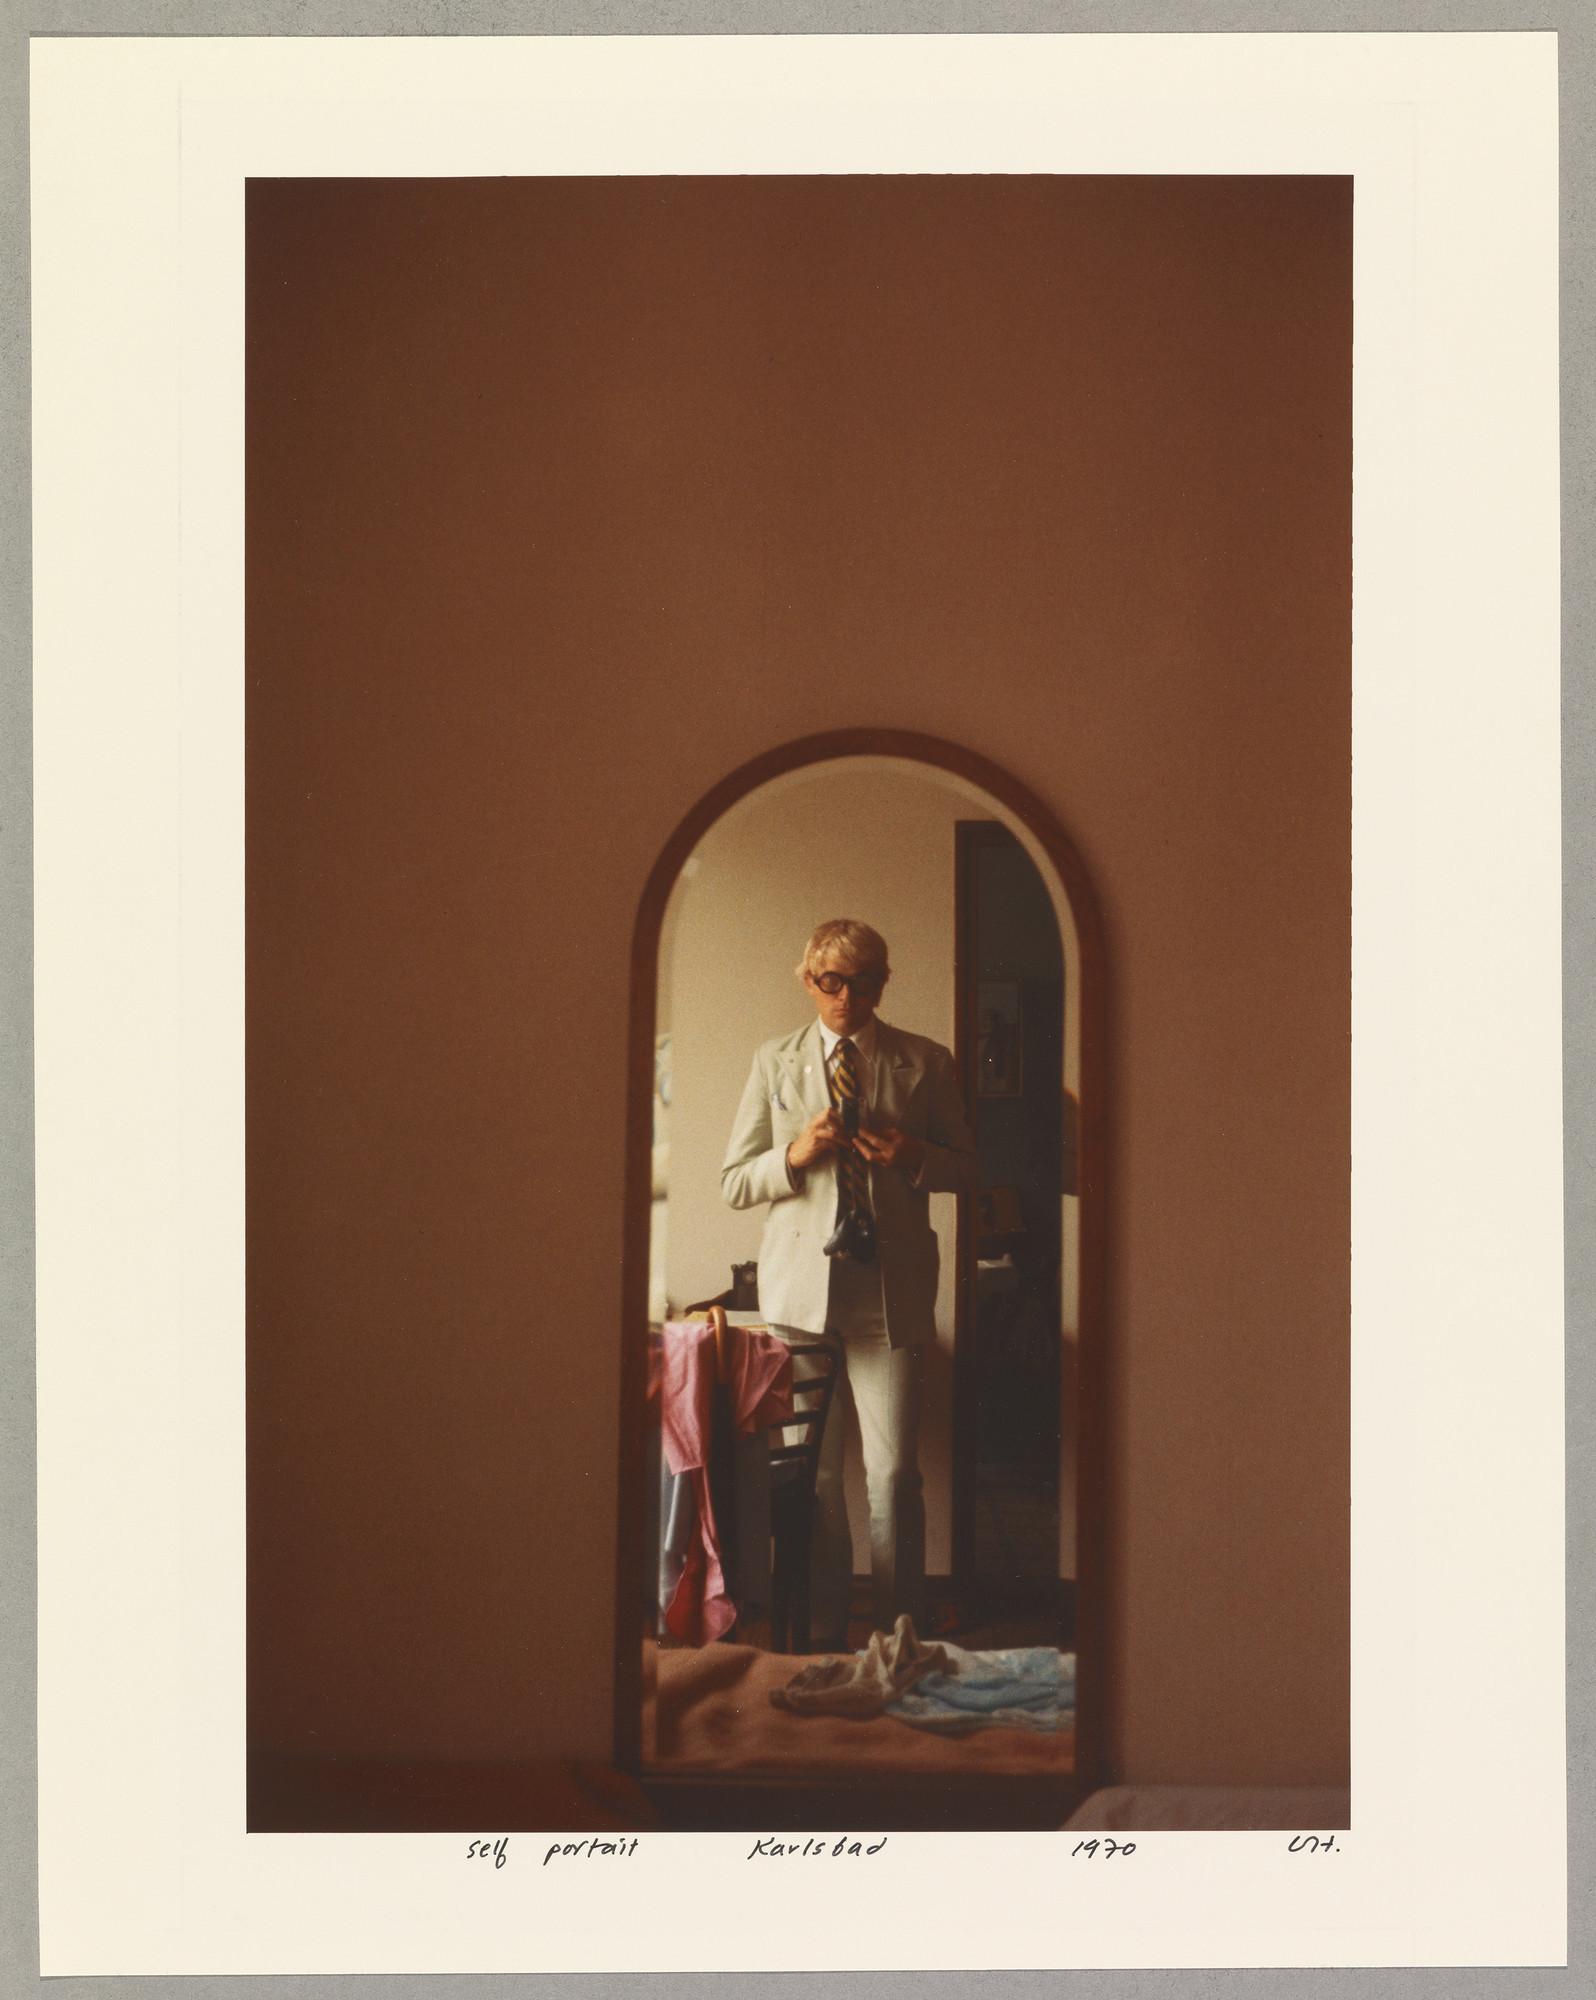 """David Hockney, """"Self Portrait. Karlsbad 1970,"""" chromogenic print, 14 inches by 11.25 inches"""